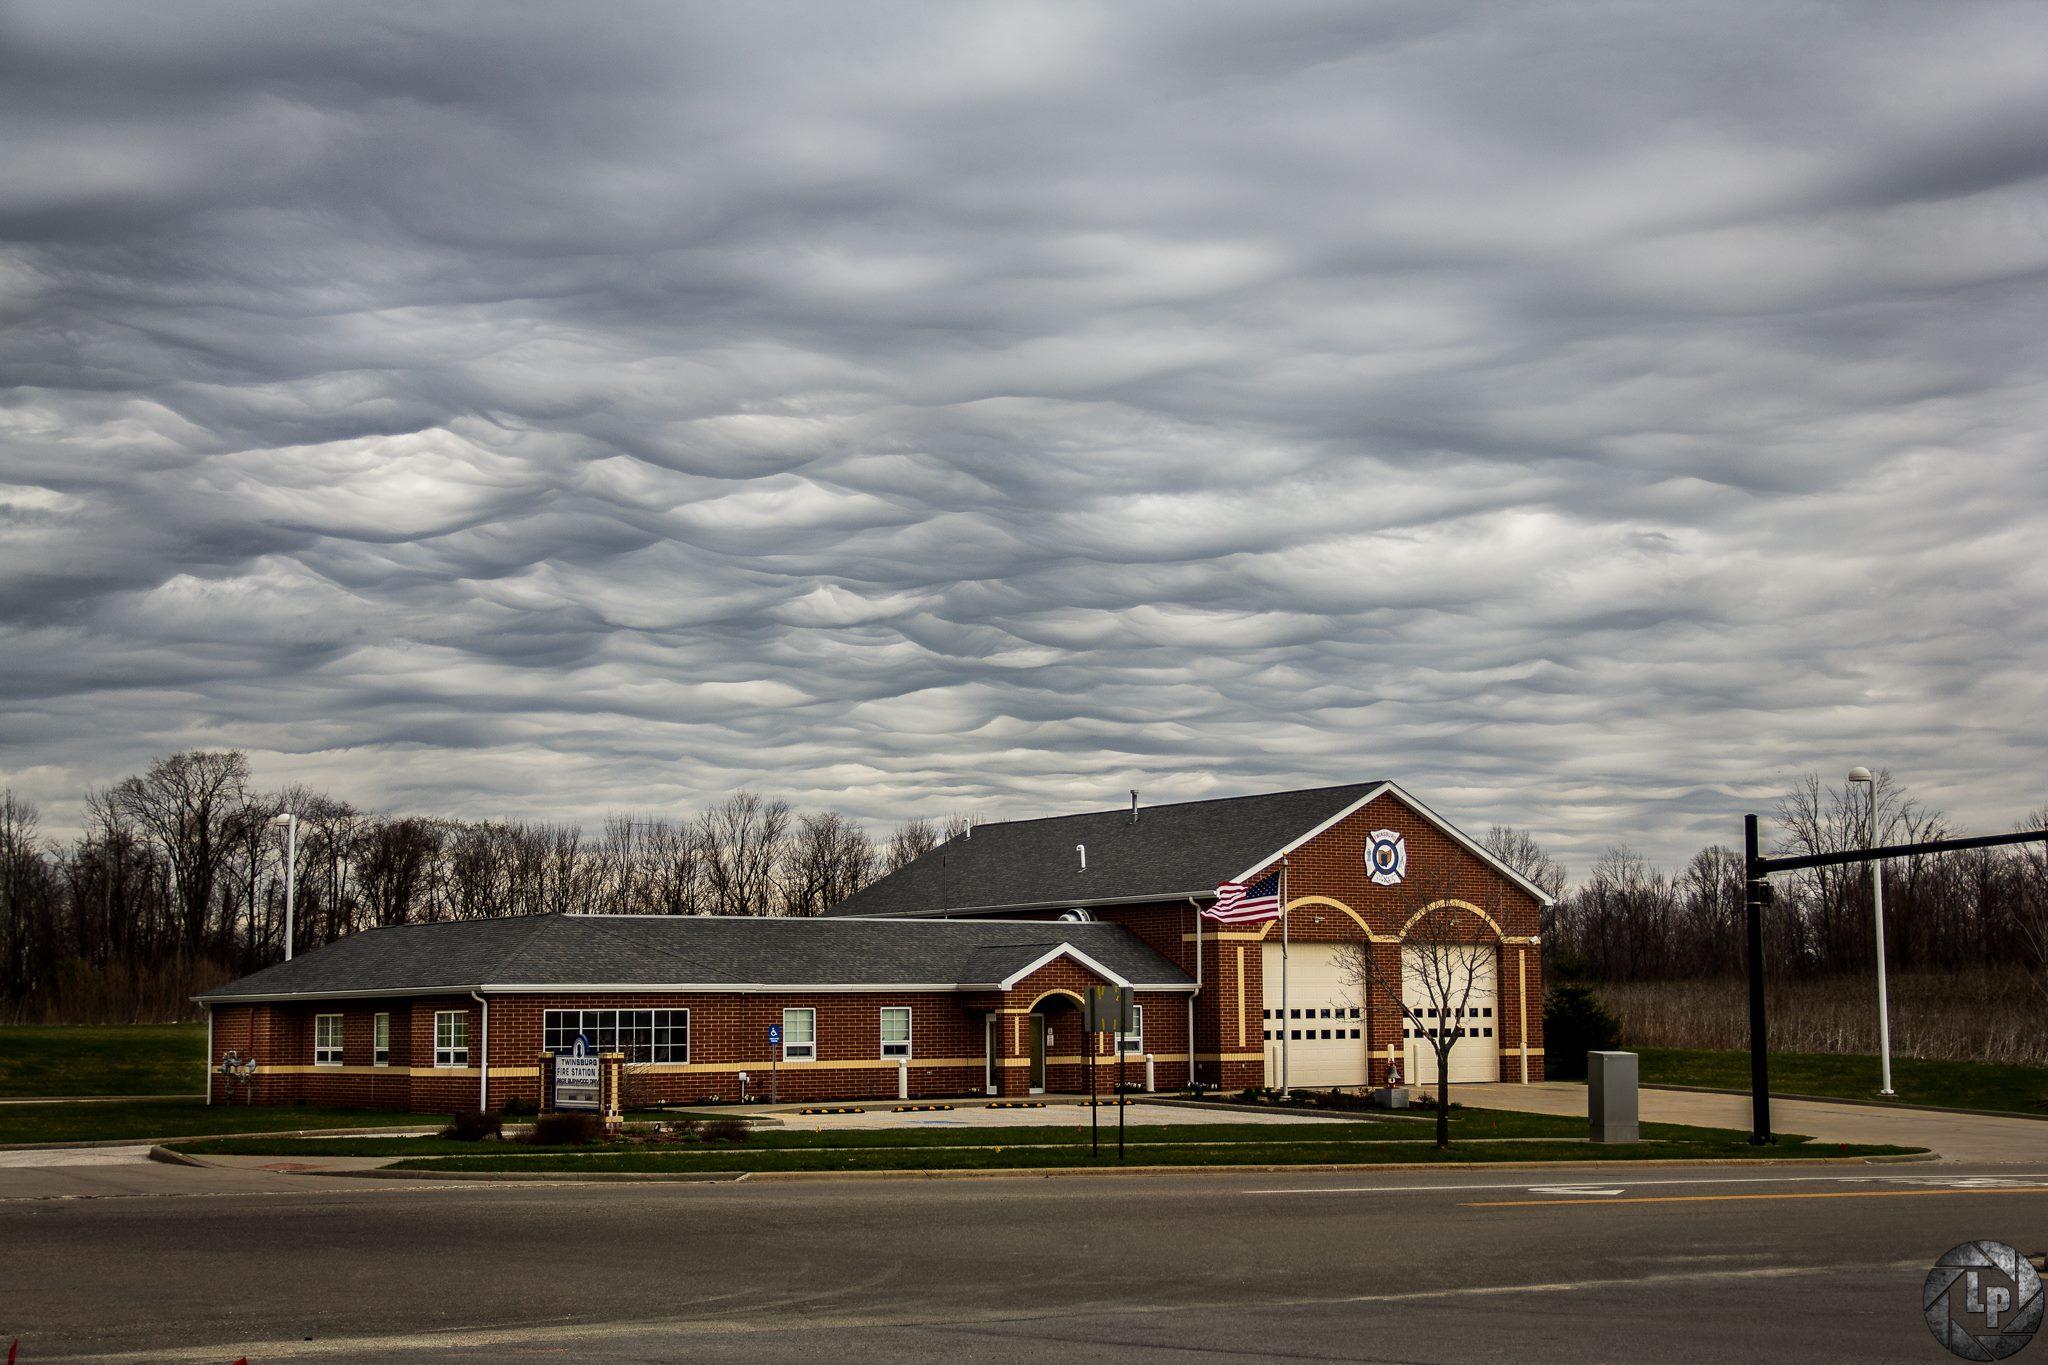 Logan Powaski - Twinsburg Clouds